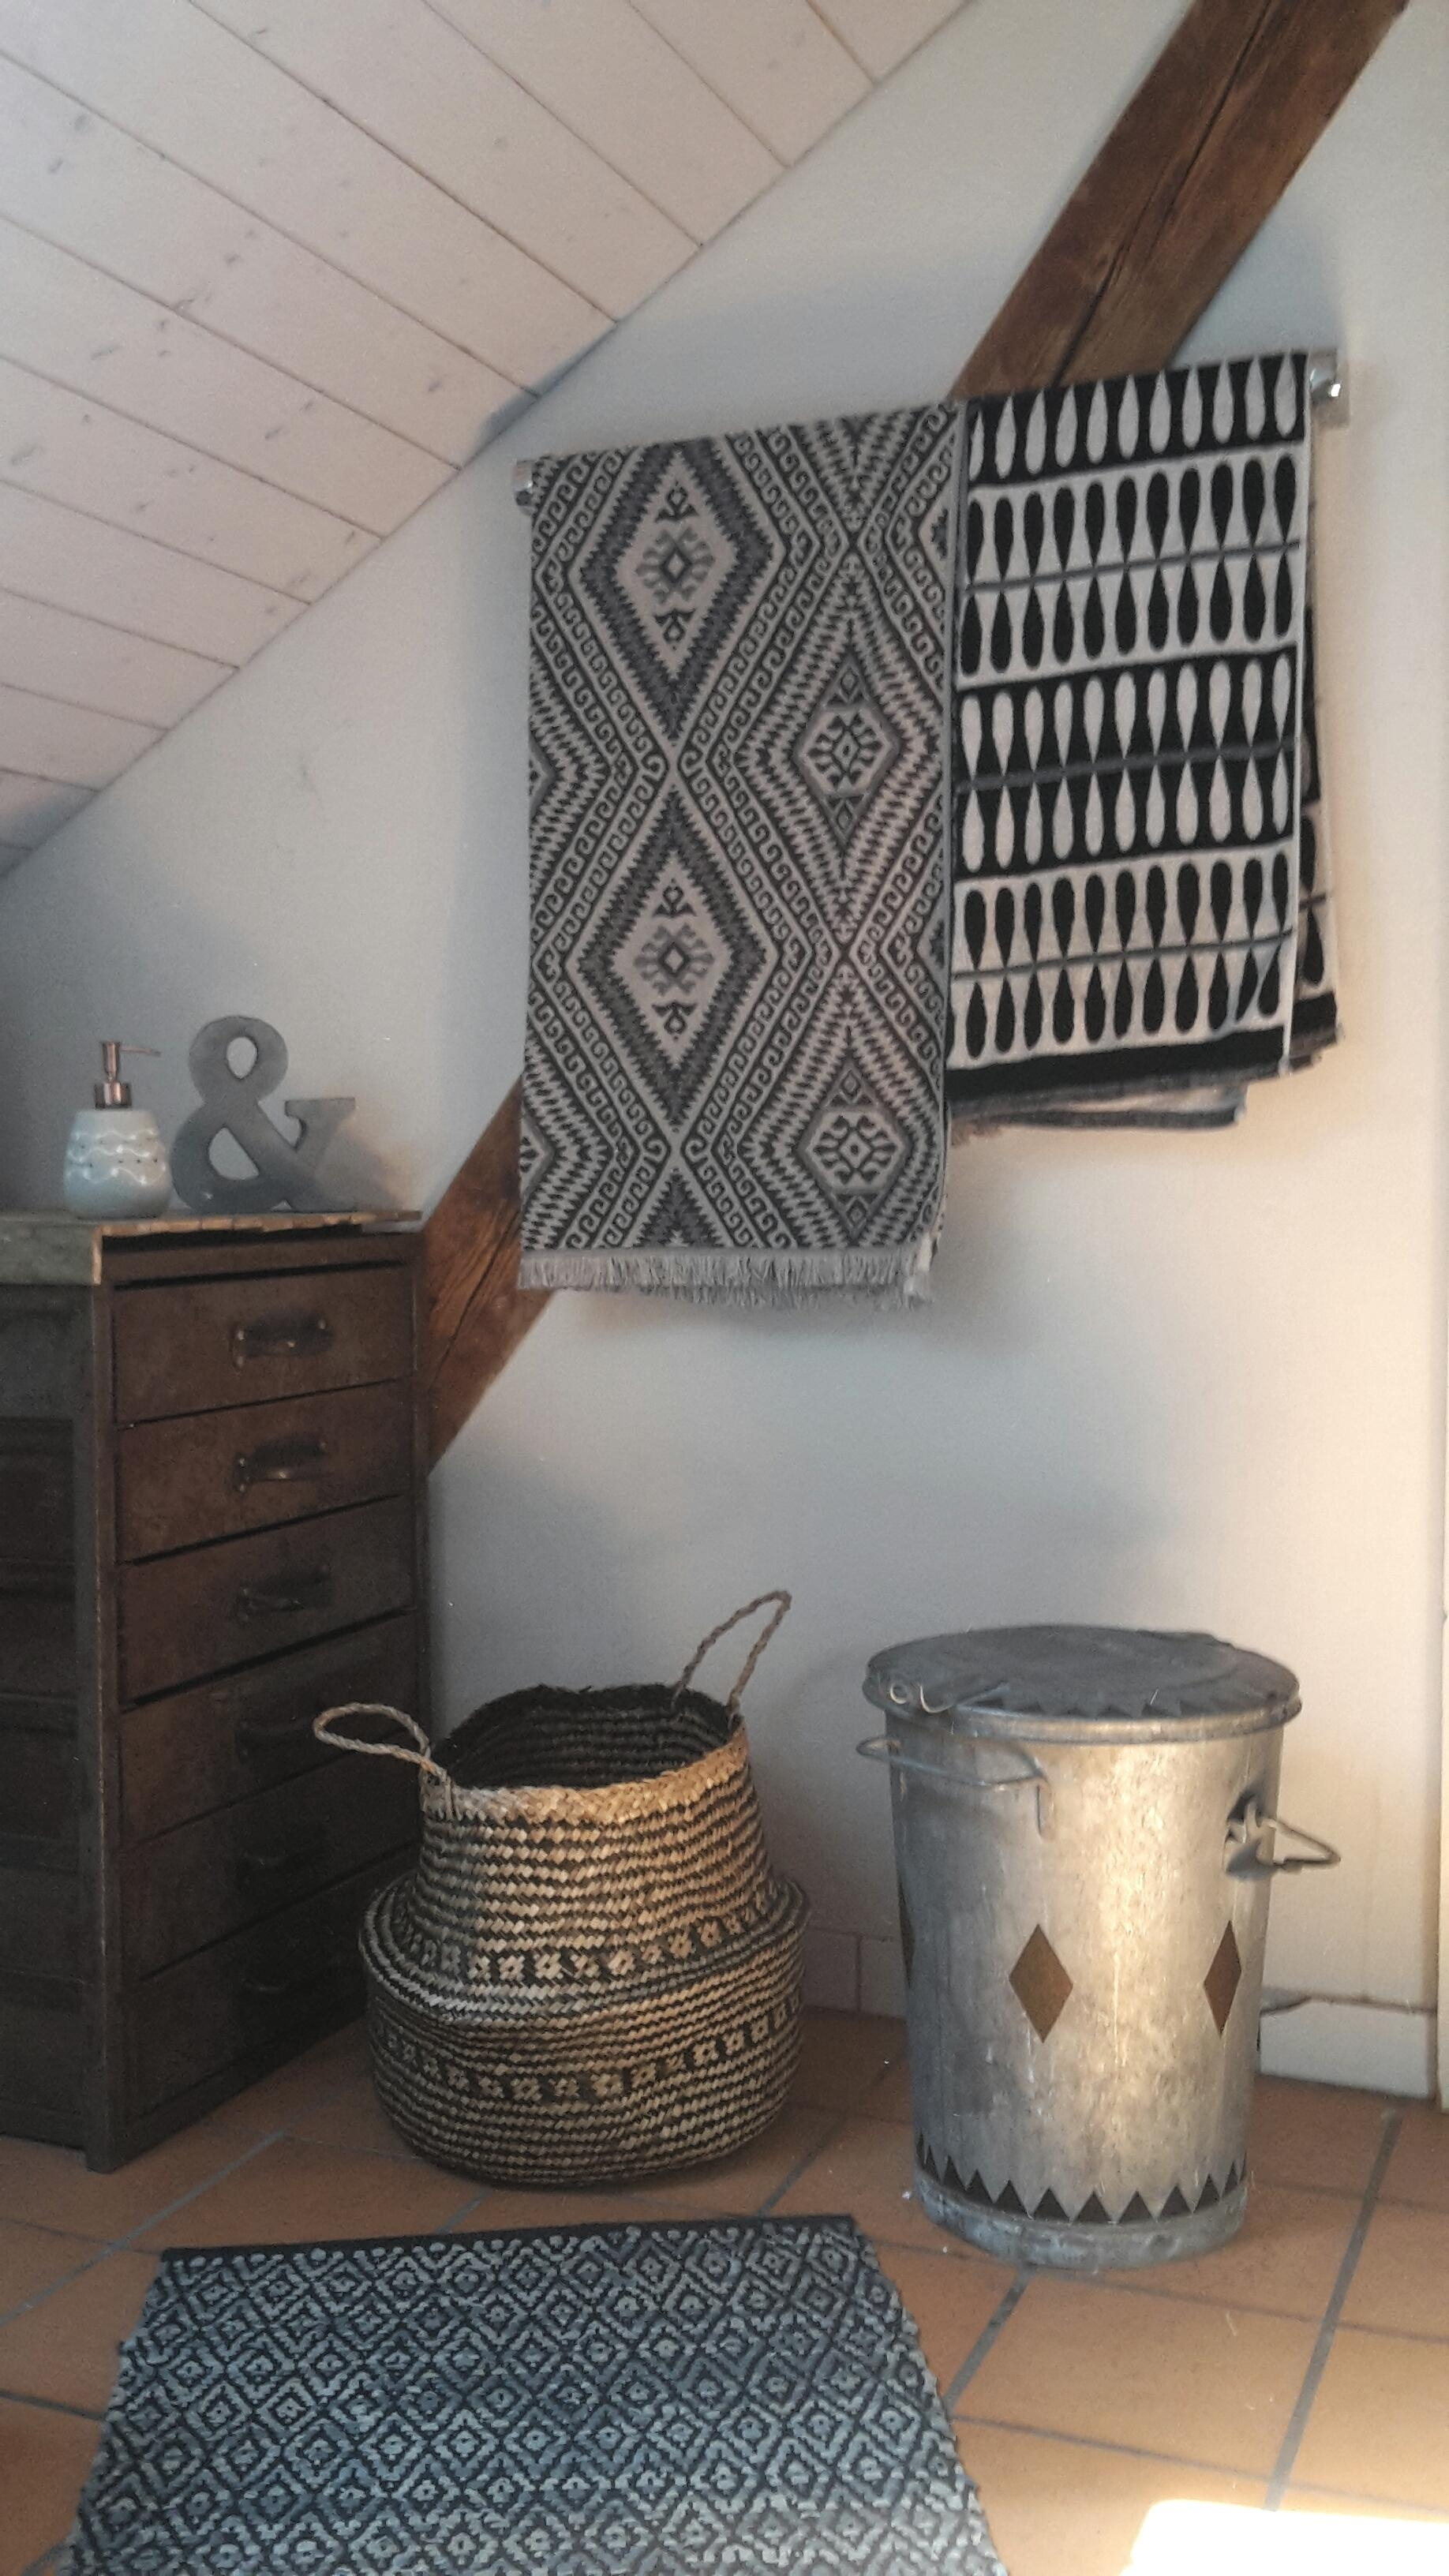 #altbau #badezimmer #dachschräge #blackandwhite #systemochsner  #schubladenstock #rost #sichtbalken